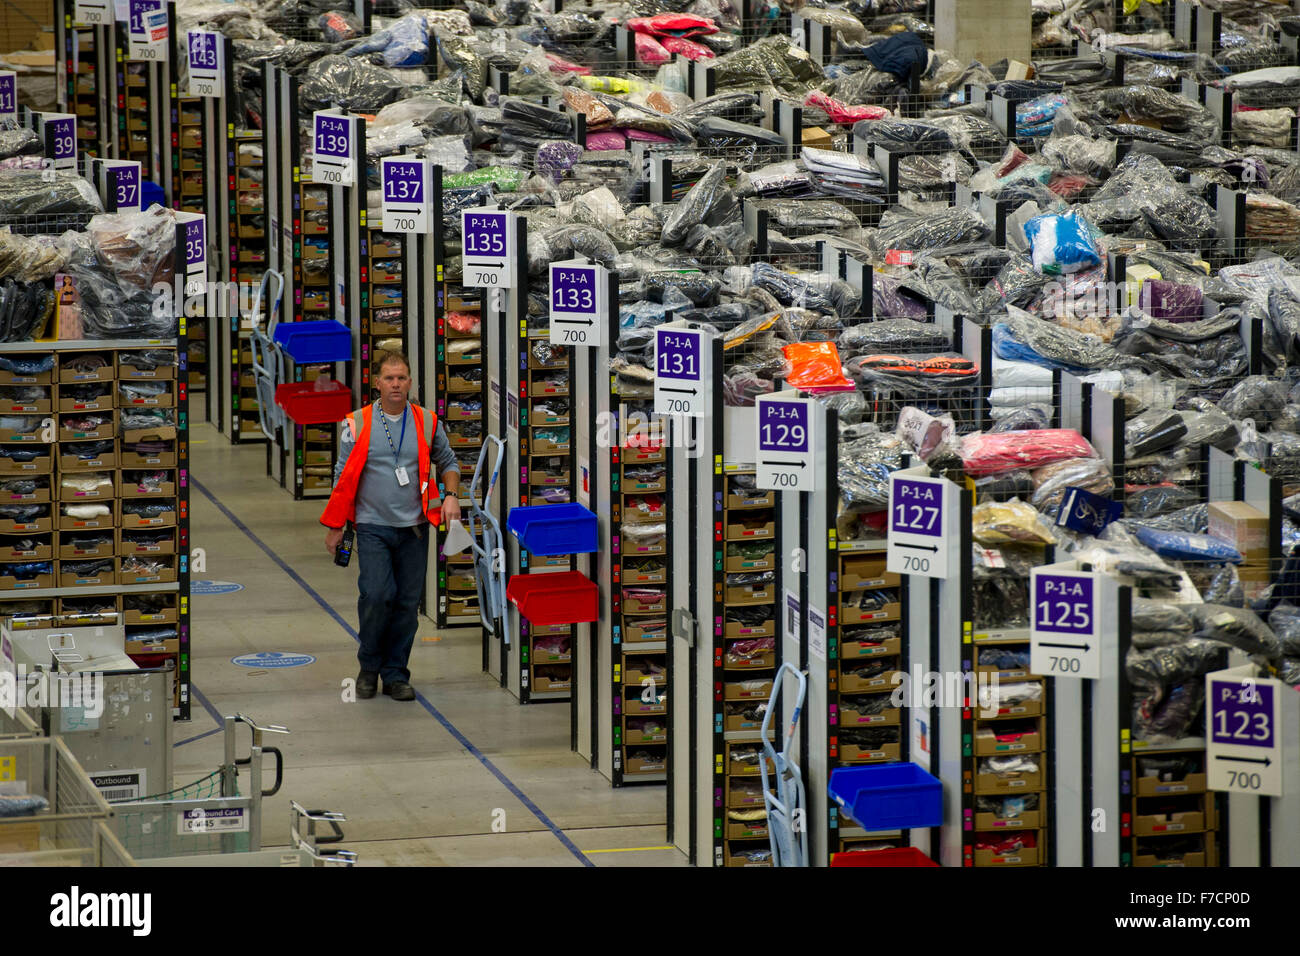 L'entrepôt d'Amazon fulfillment center à Swansea, Pays de Galles du Sud. Amazon ont engagé Photo Stock